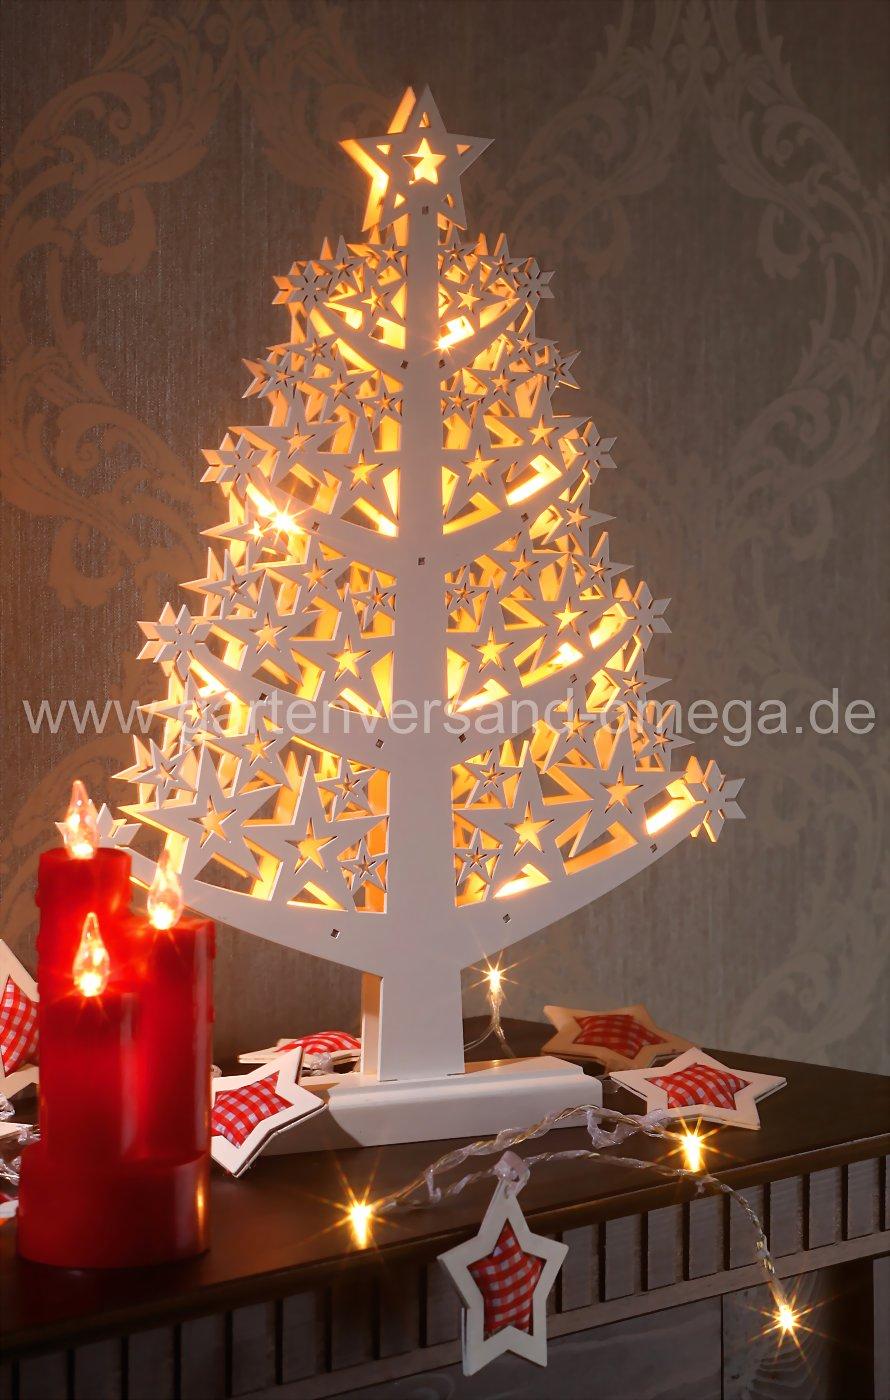 LED-Holzbaum - Weihnachtsinnenbeleuchtung, beleuchtete ...